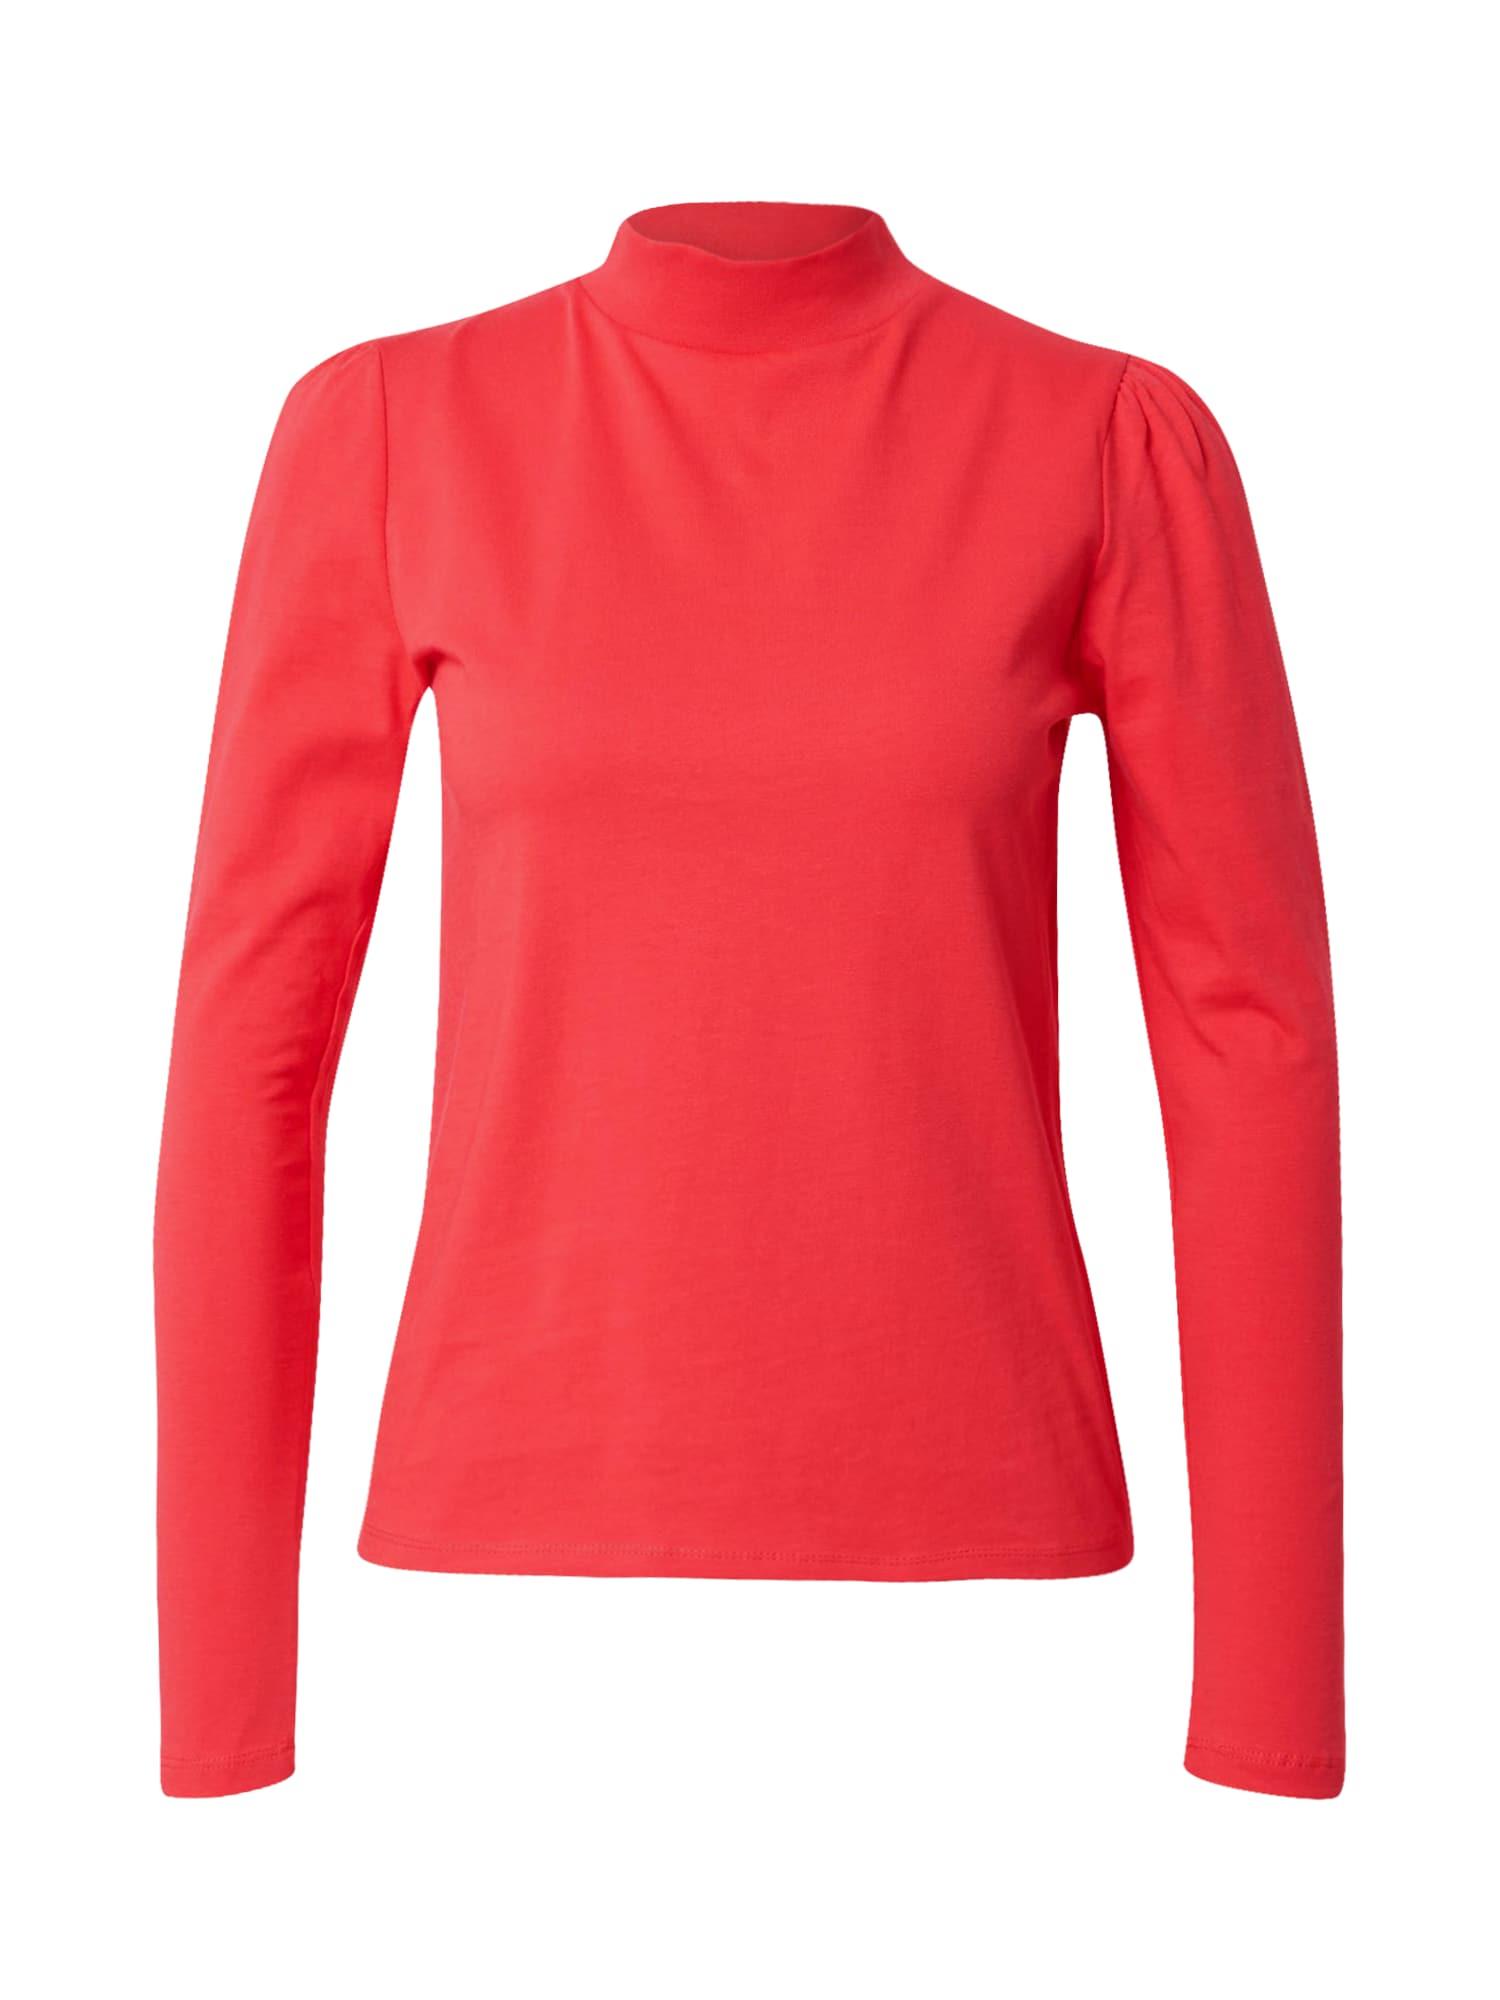 24COLOURS Marškinėliai raudona